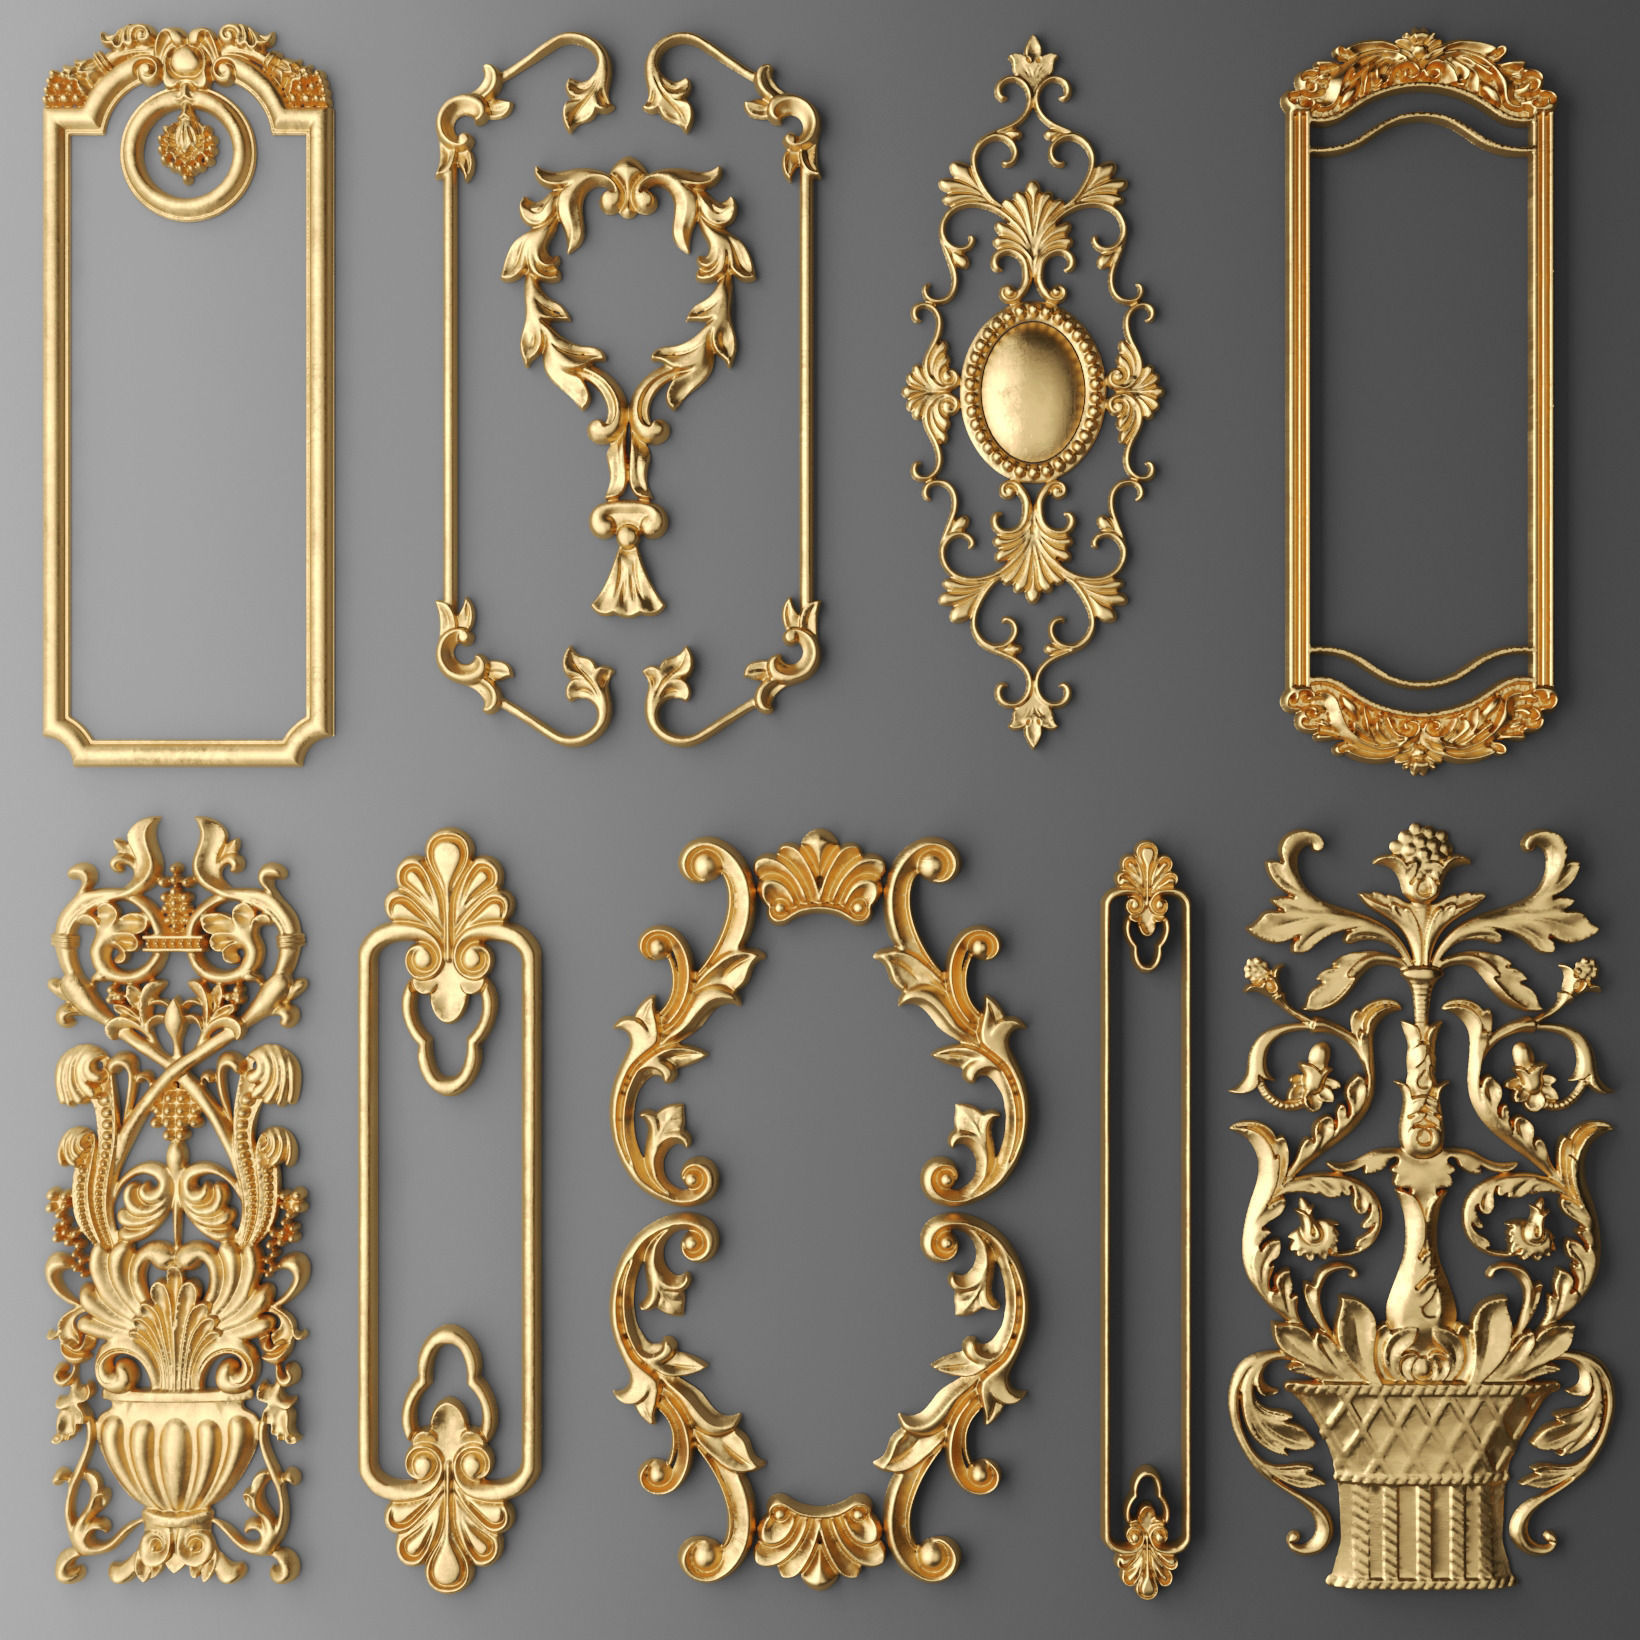 Frame molding set